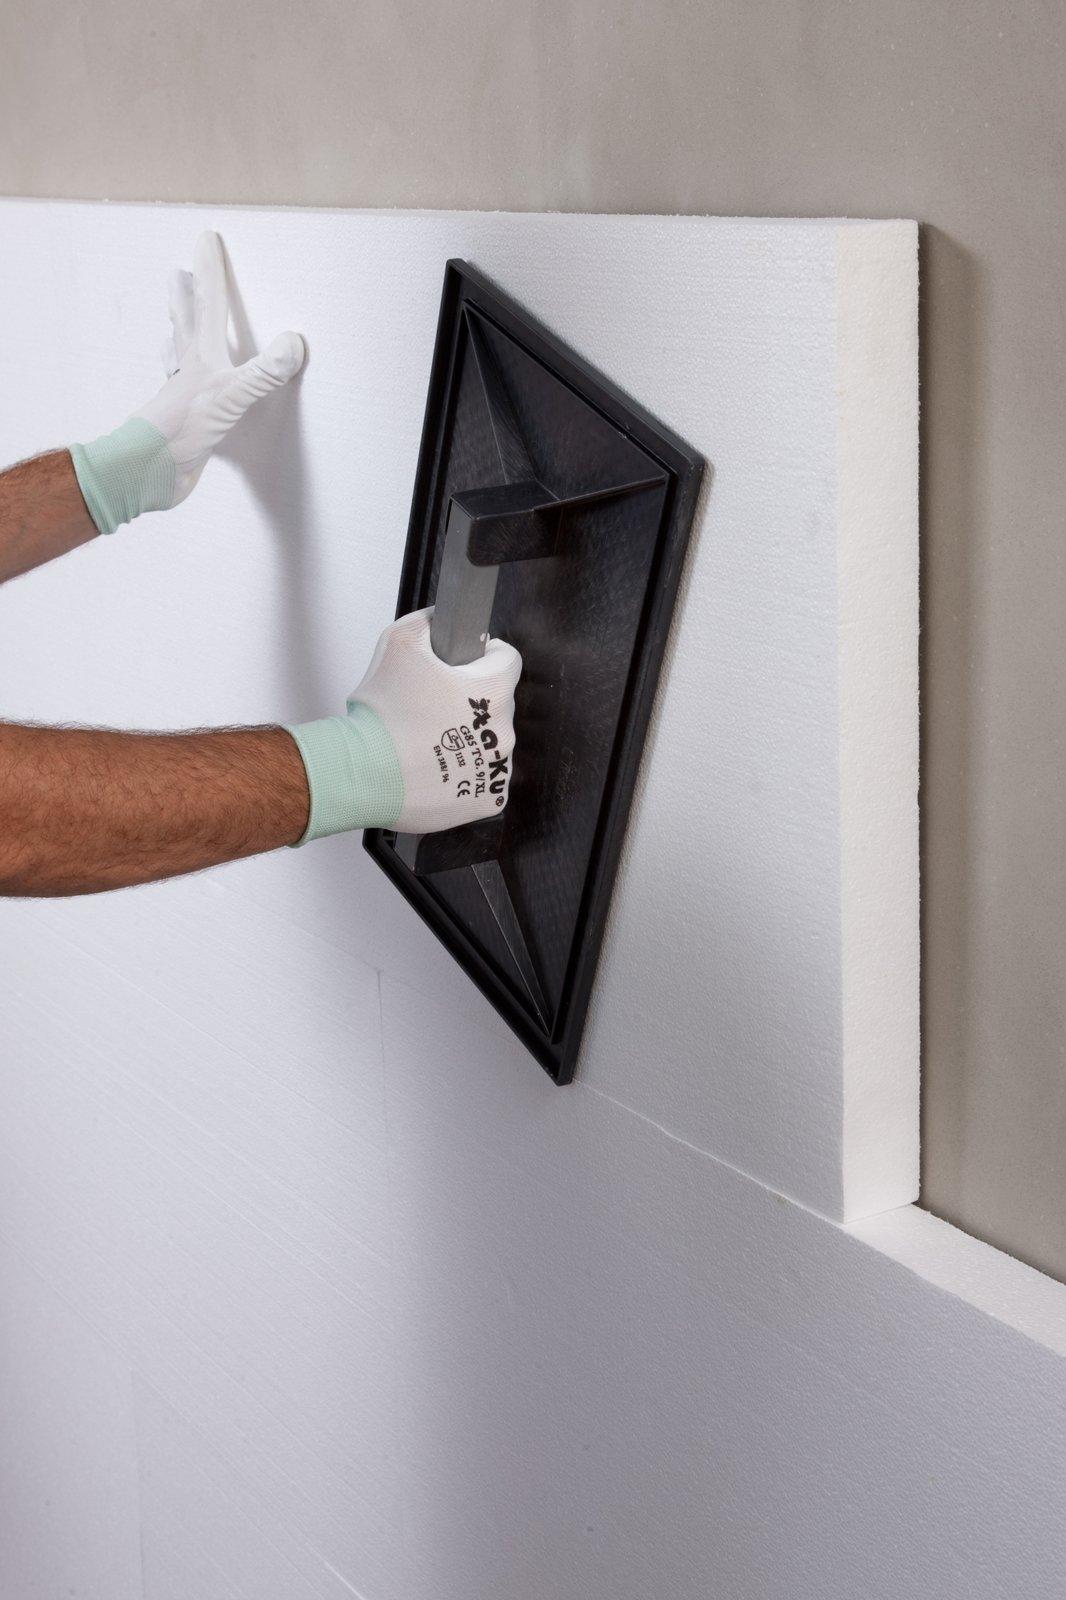 Isolamento termico per migliorare la casa cose di casa for Isolamento termico pareti interne